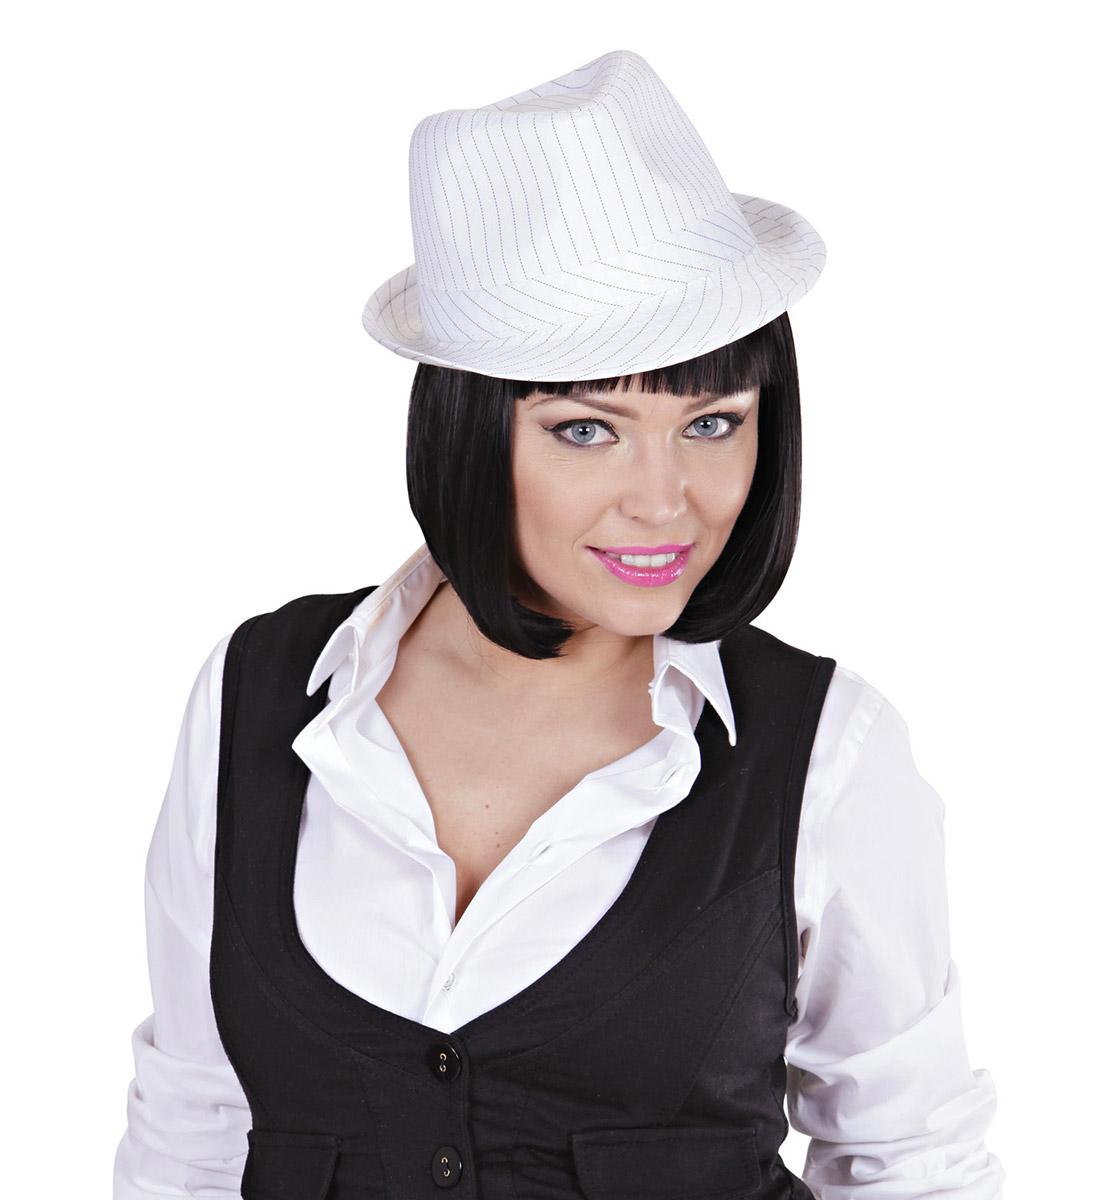 Cappello da gangster bianco adulto e tantissimi altri cappelli a prezzi  bassissimi! Cappelli per adulti e bambini a partire da 0.99€. a42950b6929c